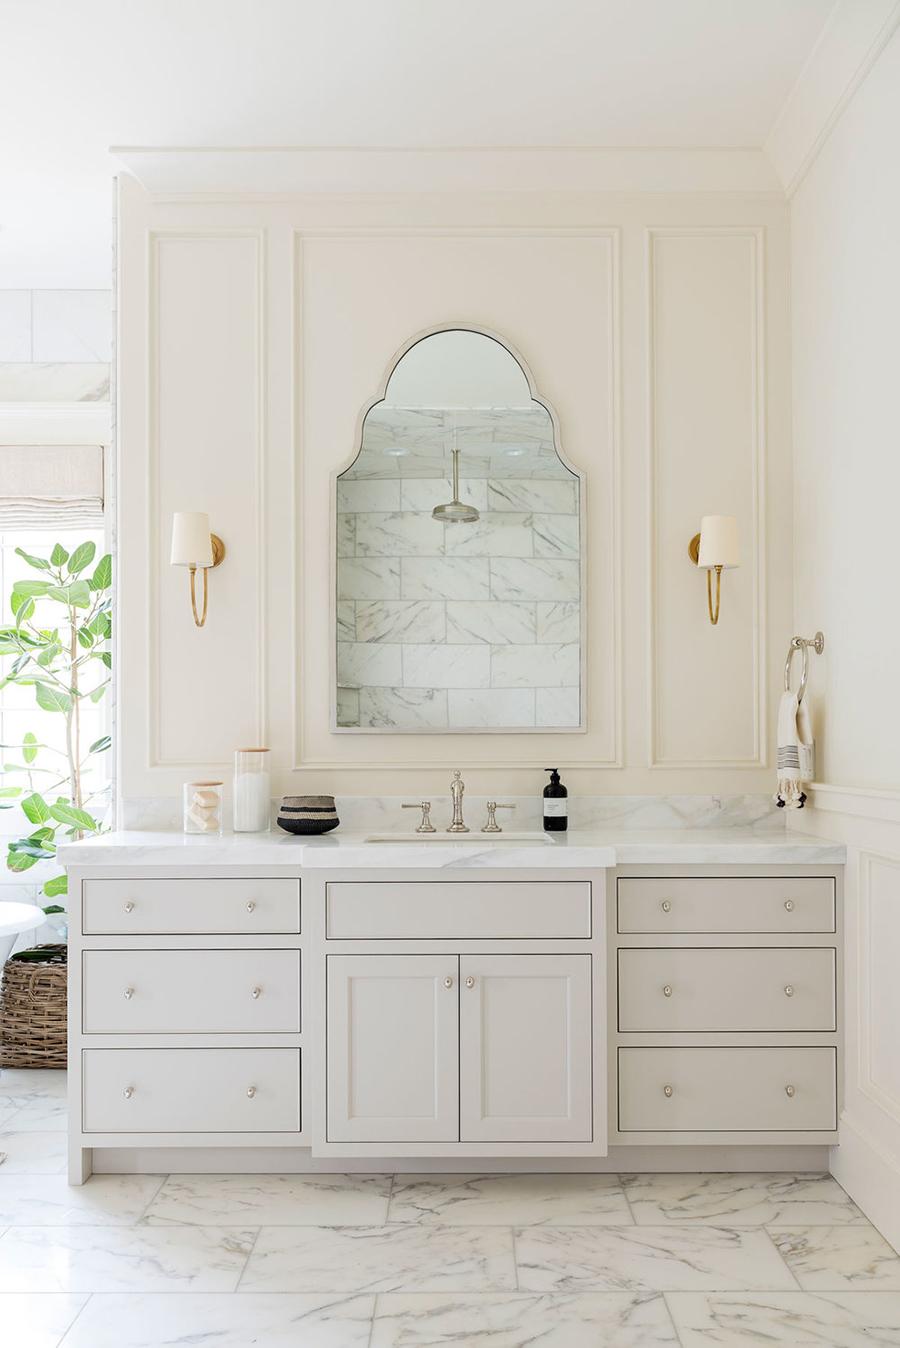 Un baño elegante, decorado en el estilo clásico.